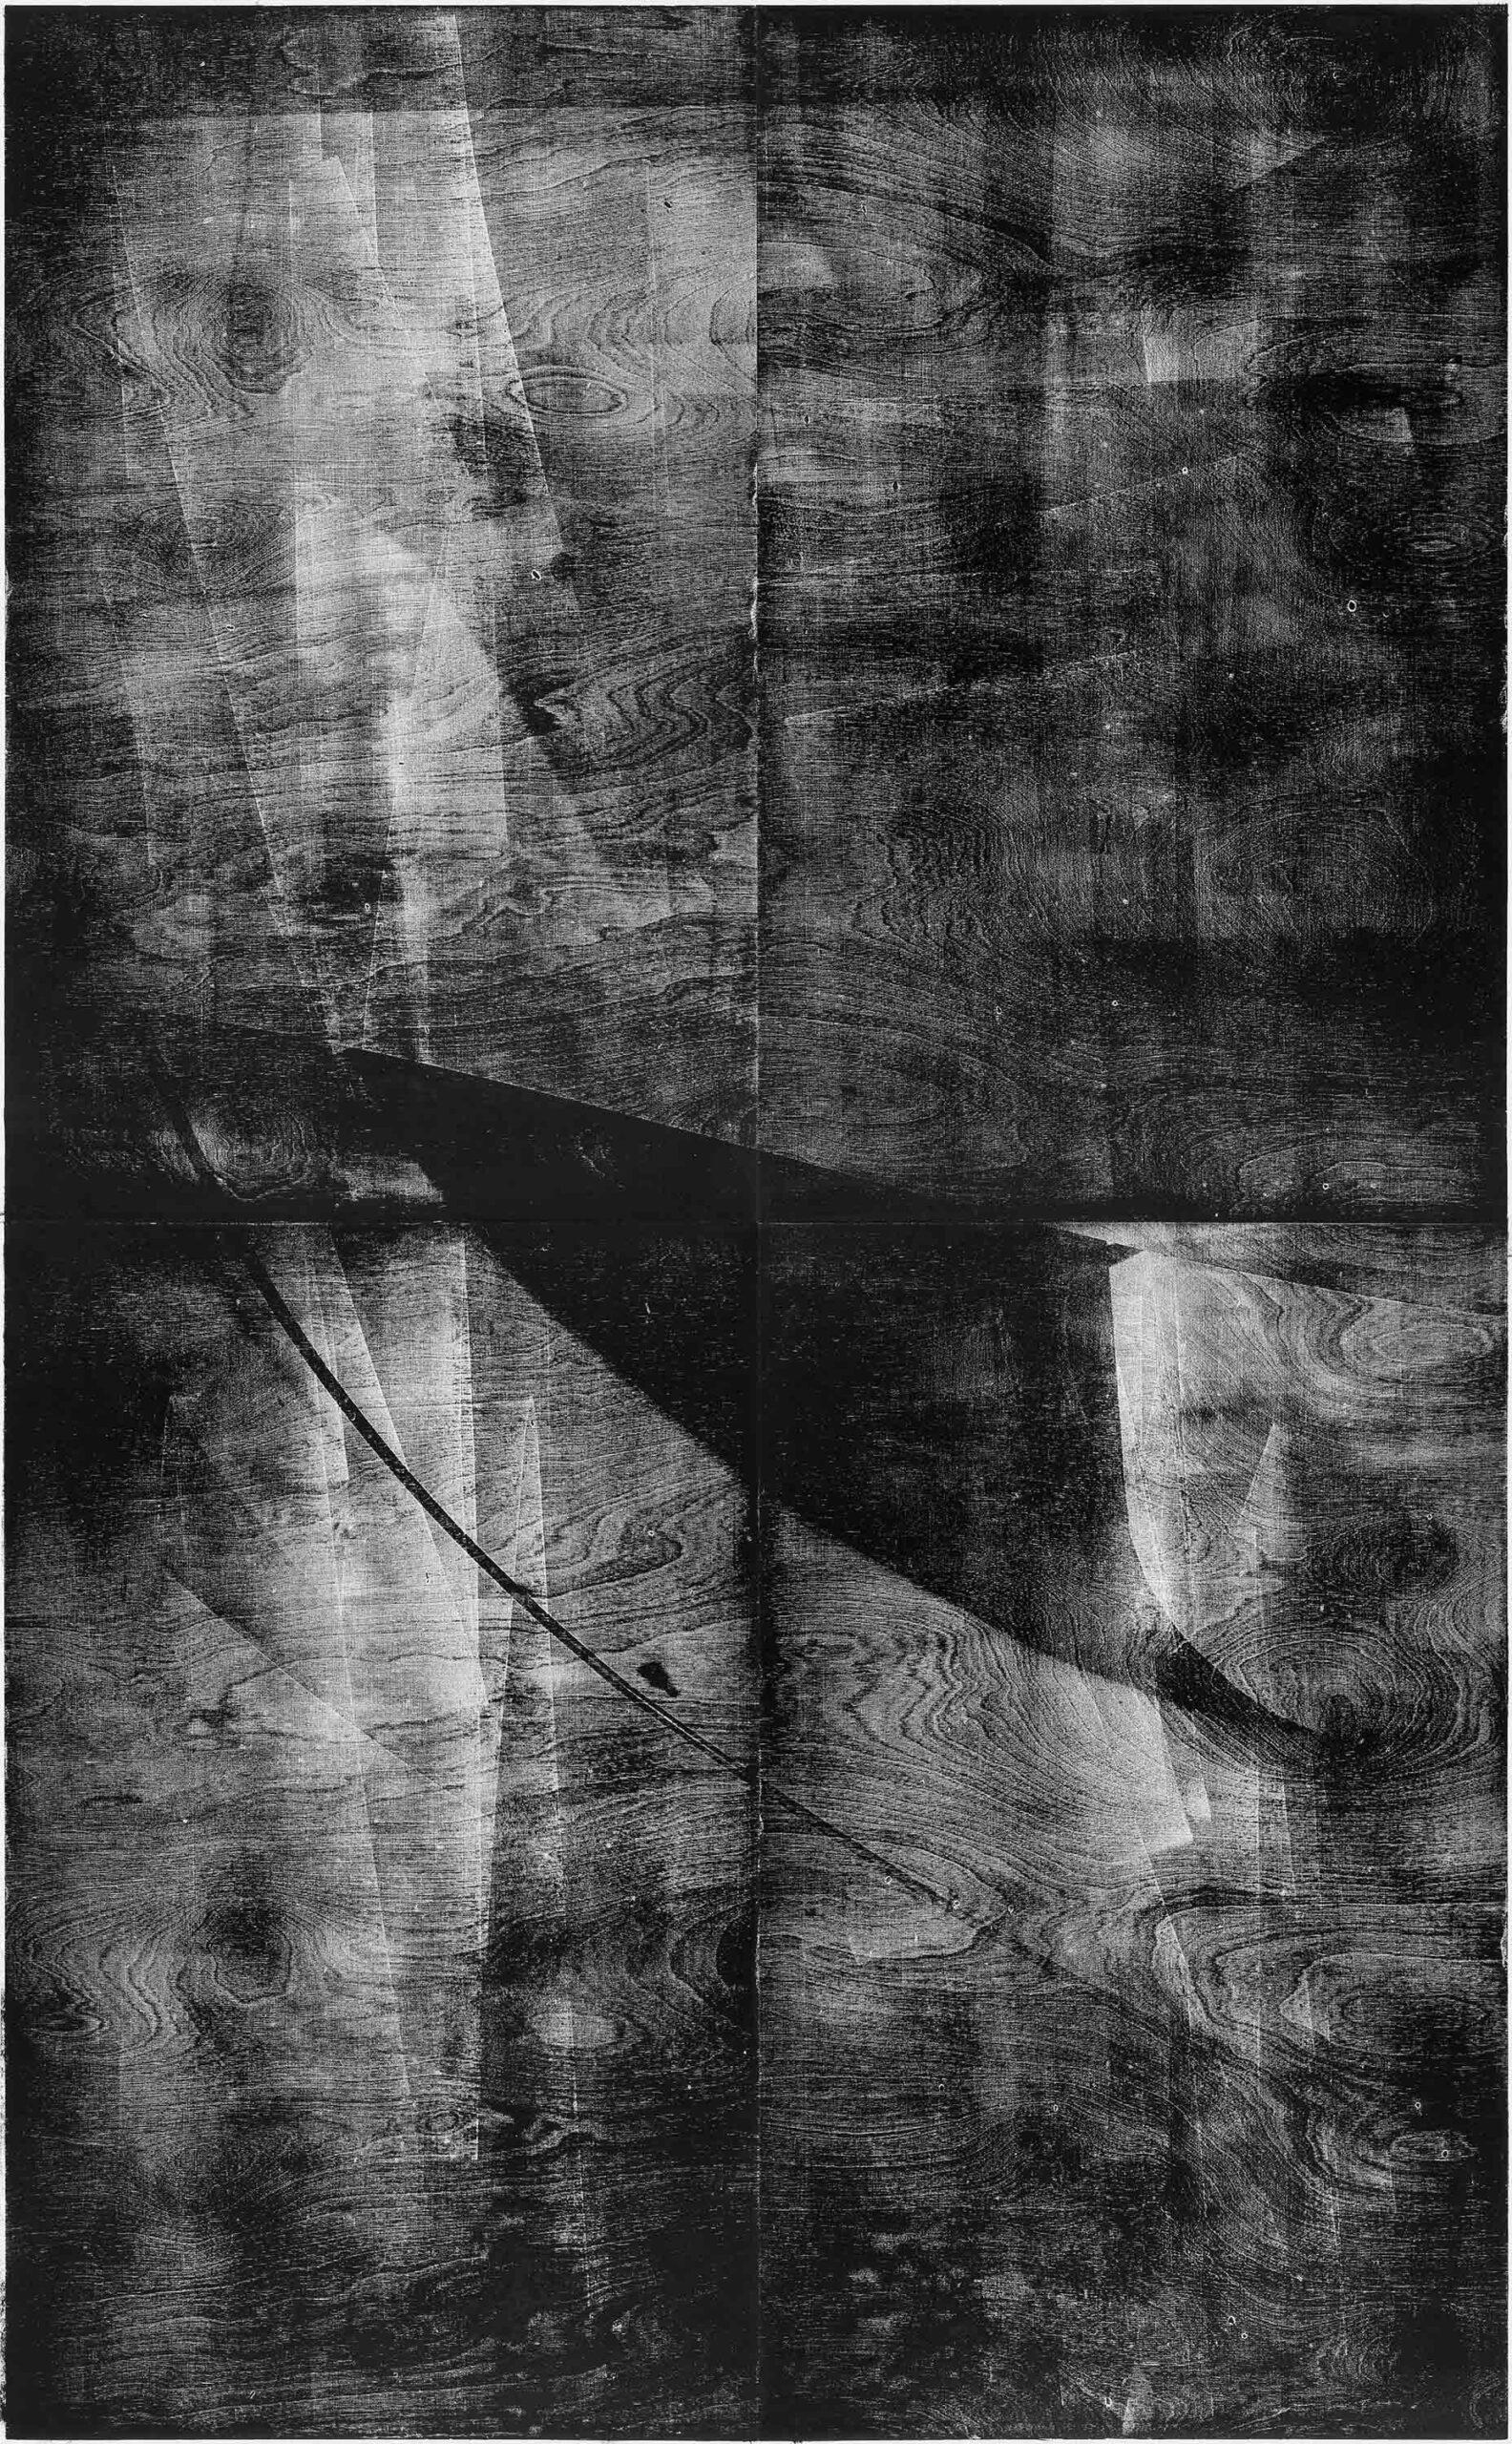 Segel 1, 2020, wood engraving, 207,7 x 132,3 cm, Genaro Strobel